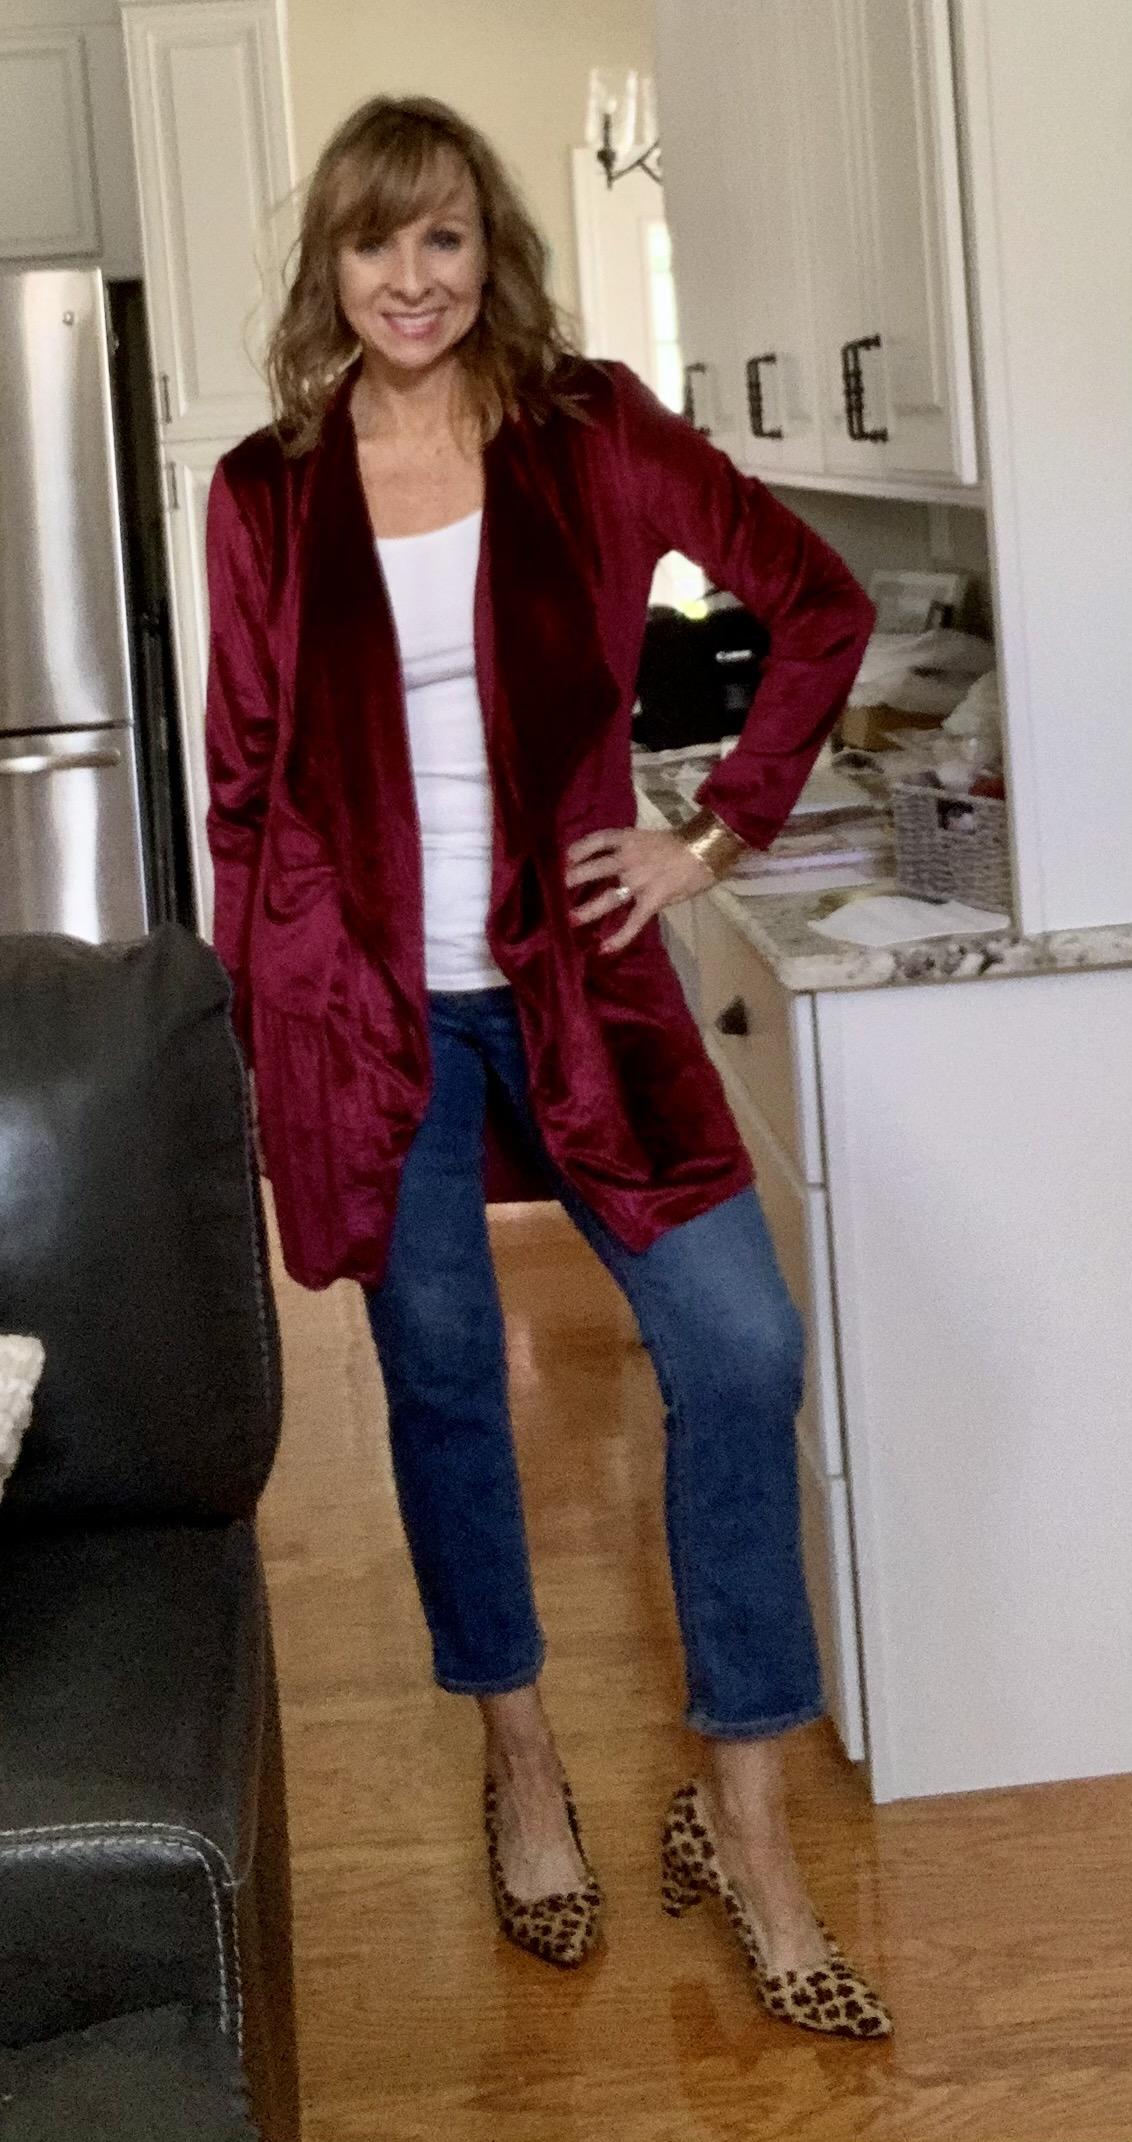 Velvet Cardigan + Jeans + Leopard Pumps